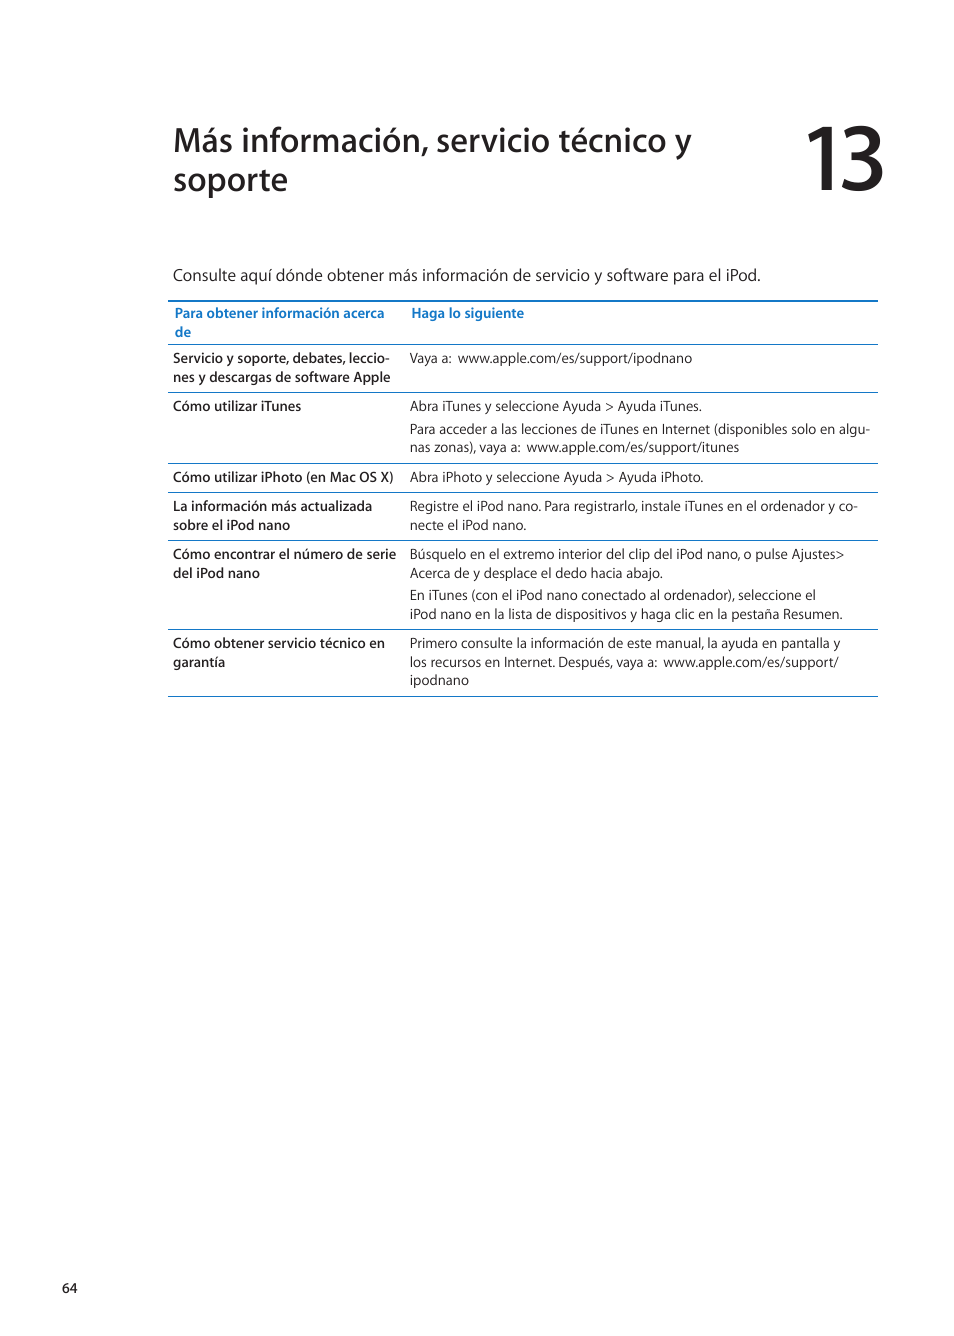 Más información, servicio técnico y soporte | Apple iPod nano (6th  generation) Manual